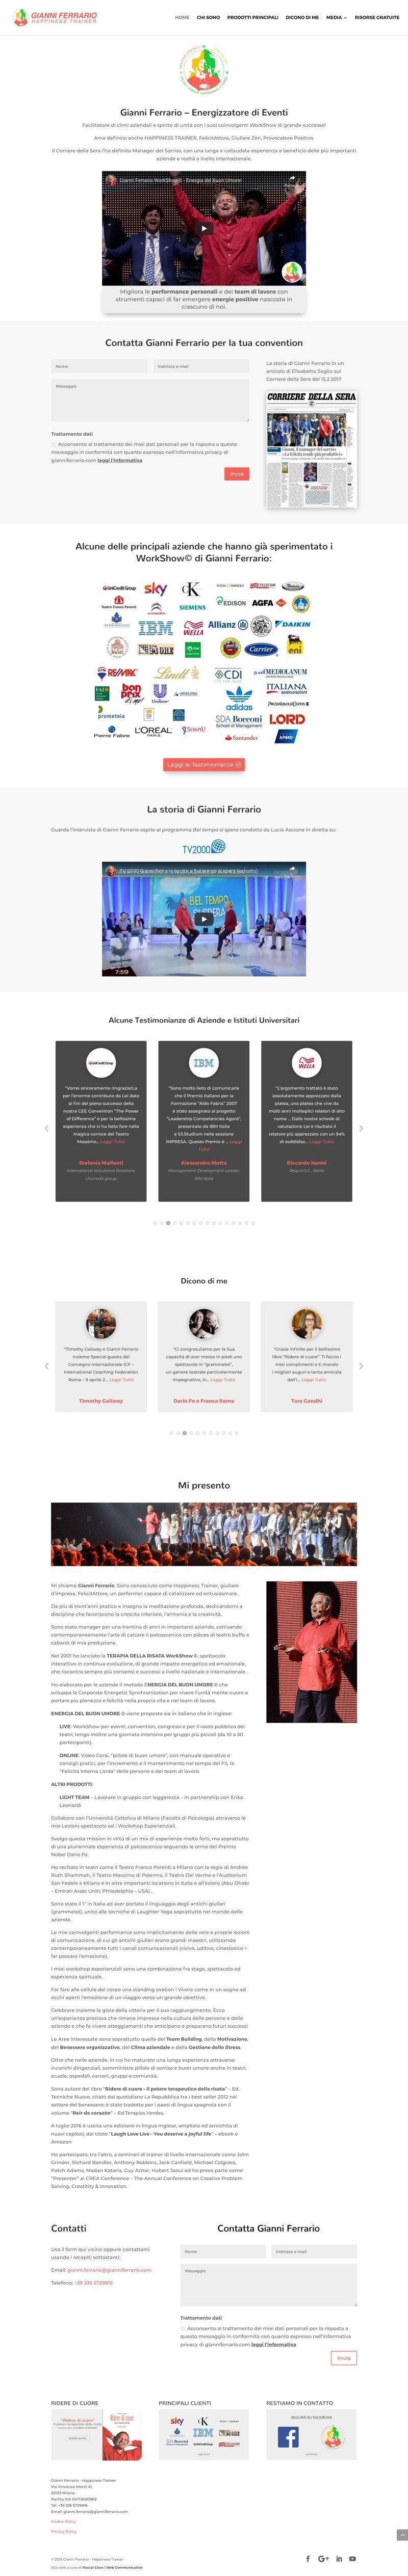 Esempi di siti fatti con Divi gianniferrario.com